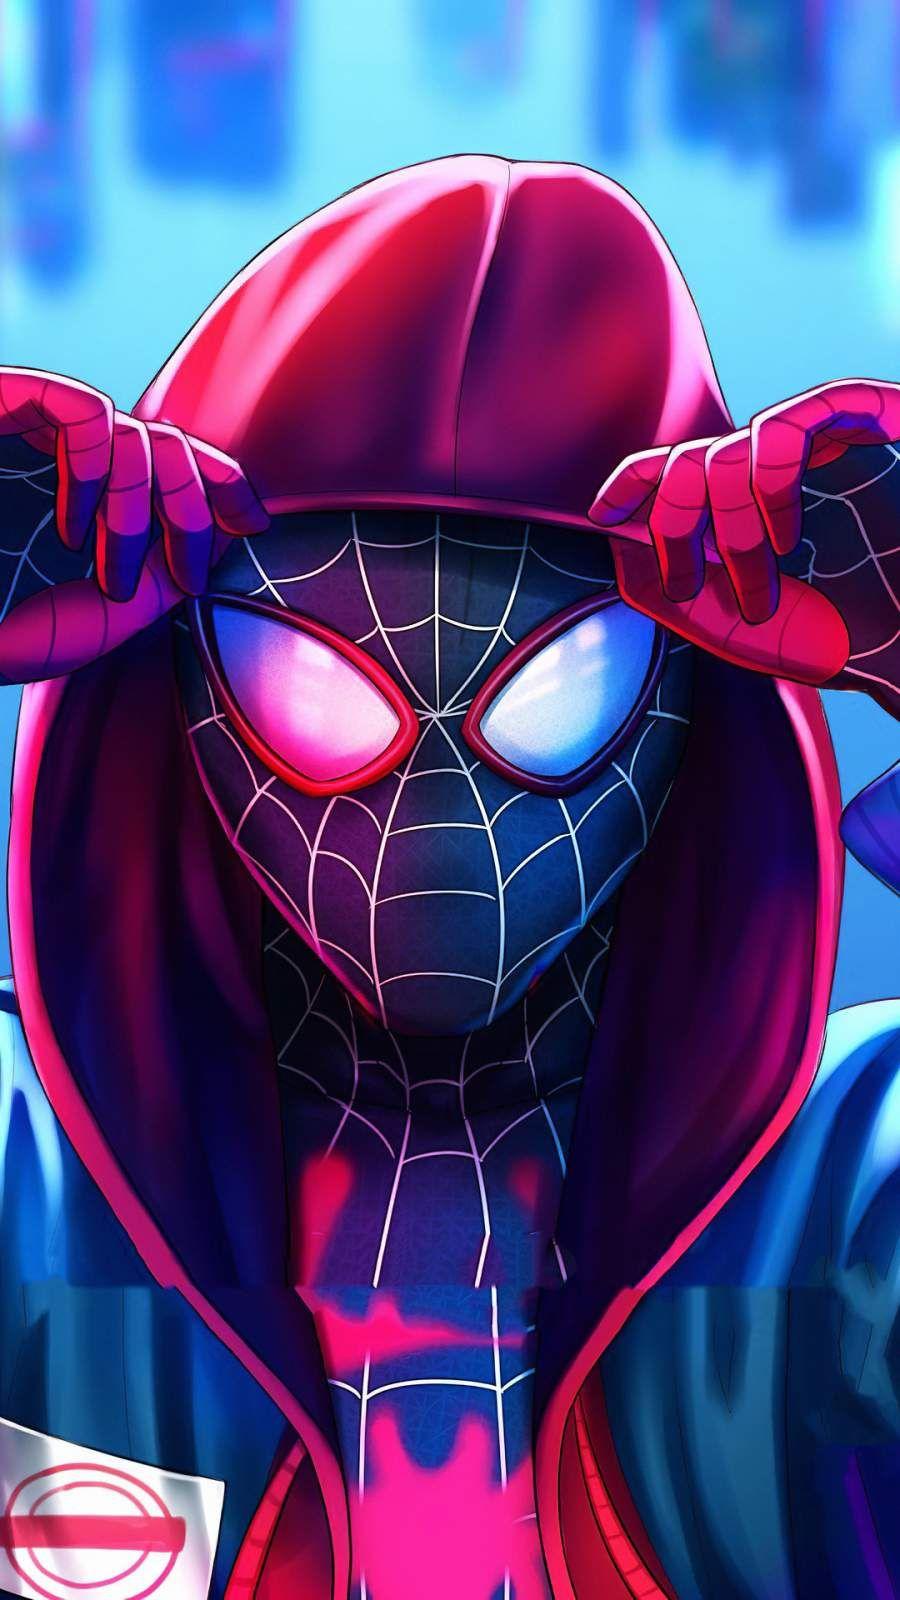 Miles Spiderman Hoodie Mobile Wallpaper Spiderman Artwork Spiderman Art Miles Spiderman